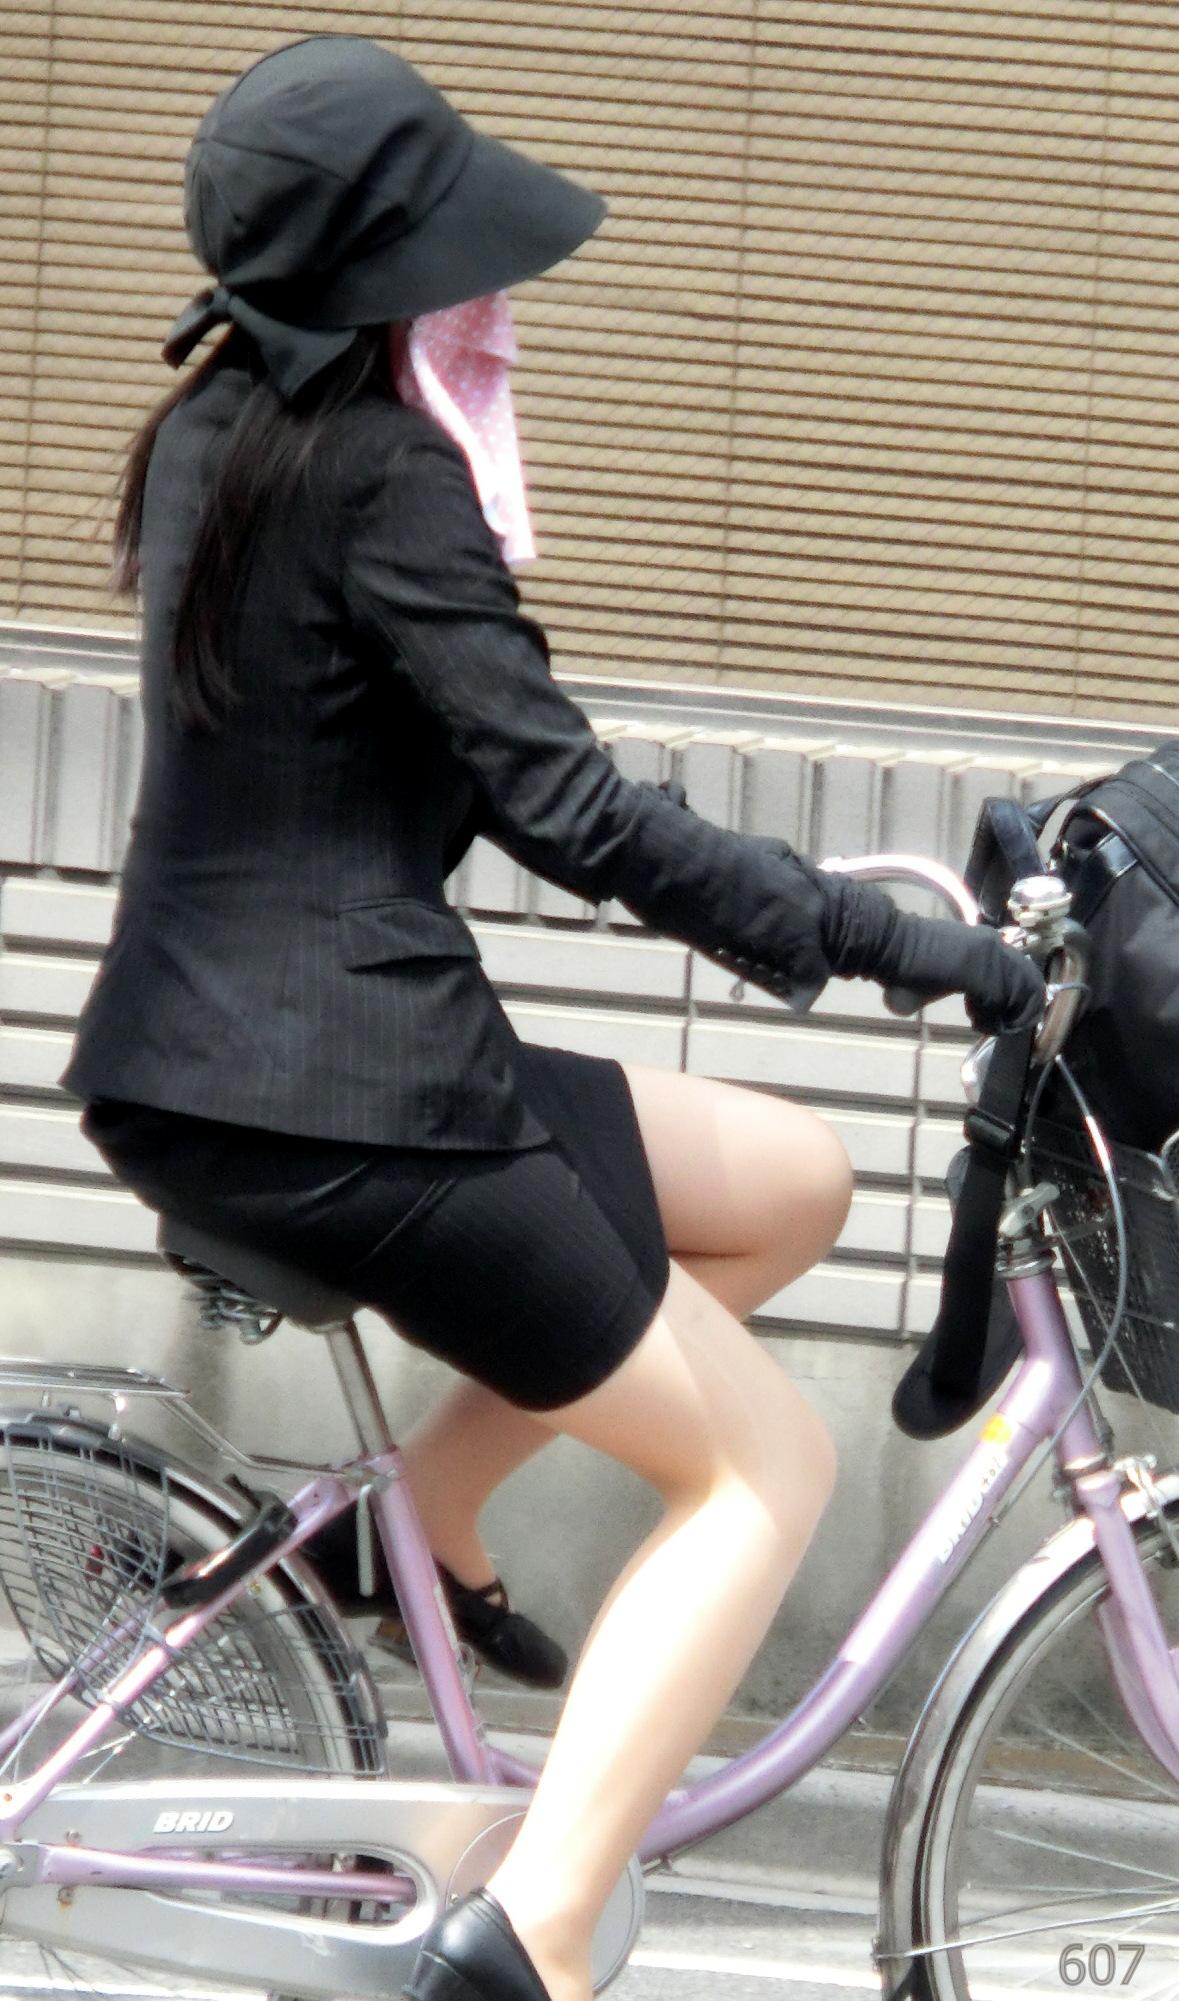 【街撮り美脚画像】大人の下半身を観察www自転車乗った働くおねえさん画像 09